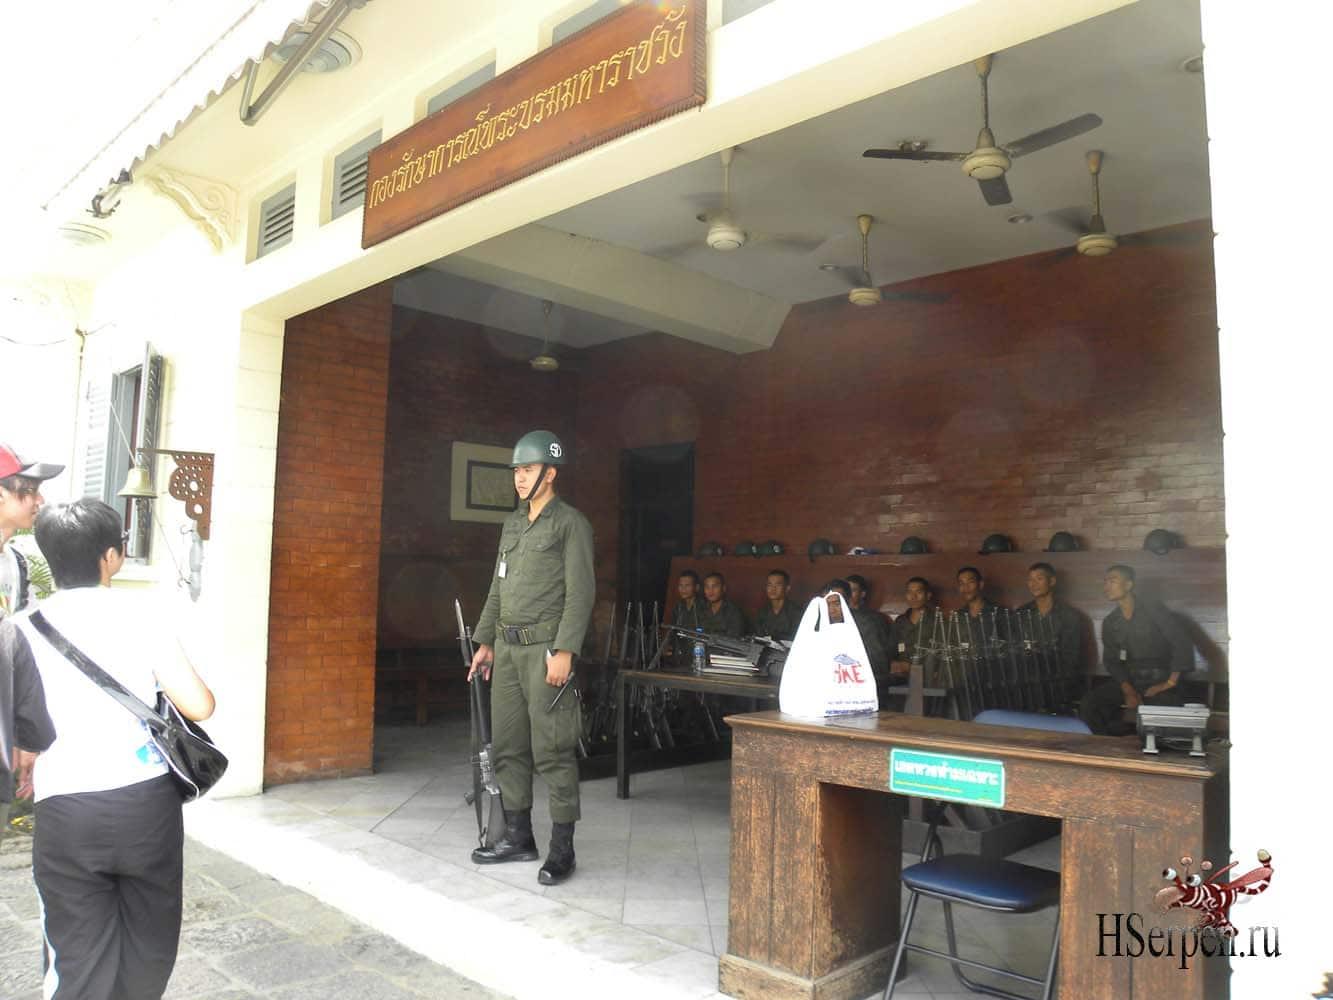 Комментарии о правилах поведения, безопасности и ответственности за свои поступки в Таиланде